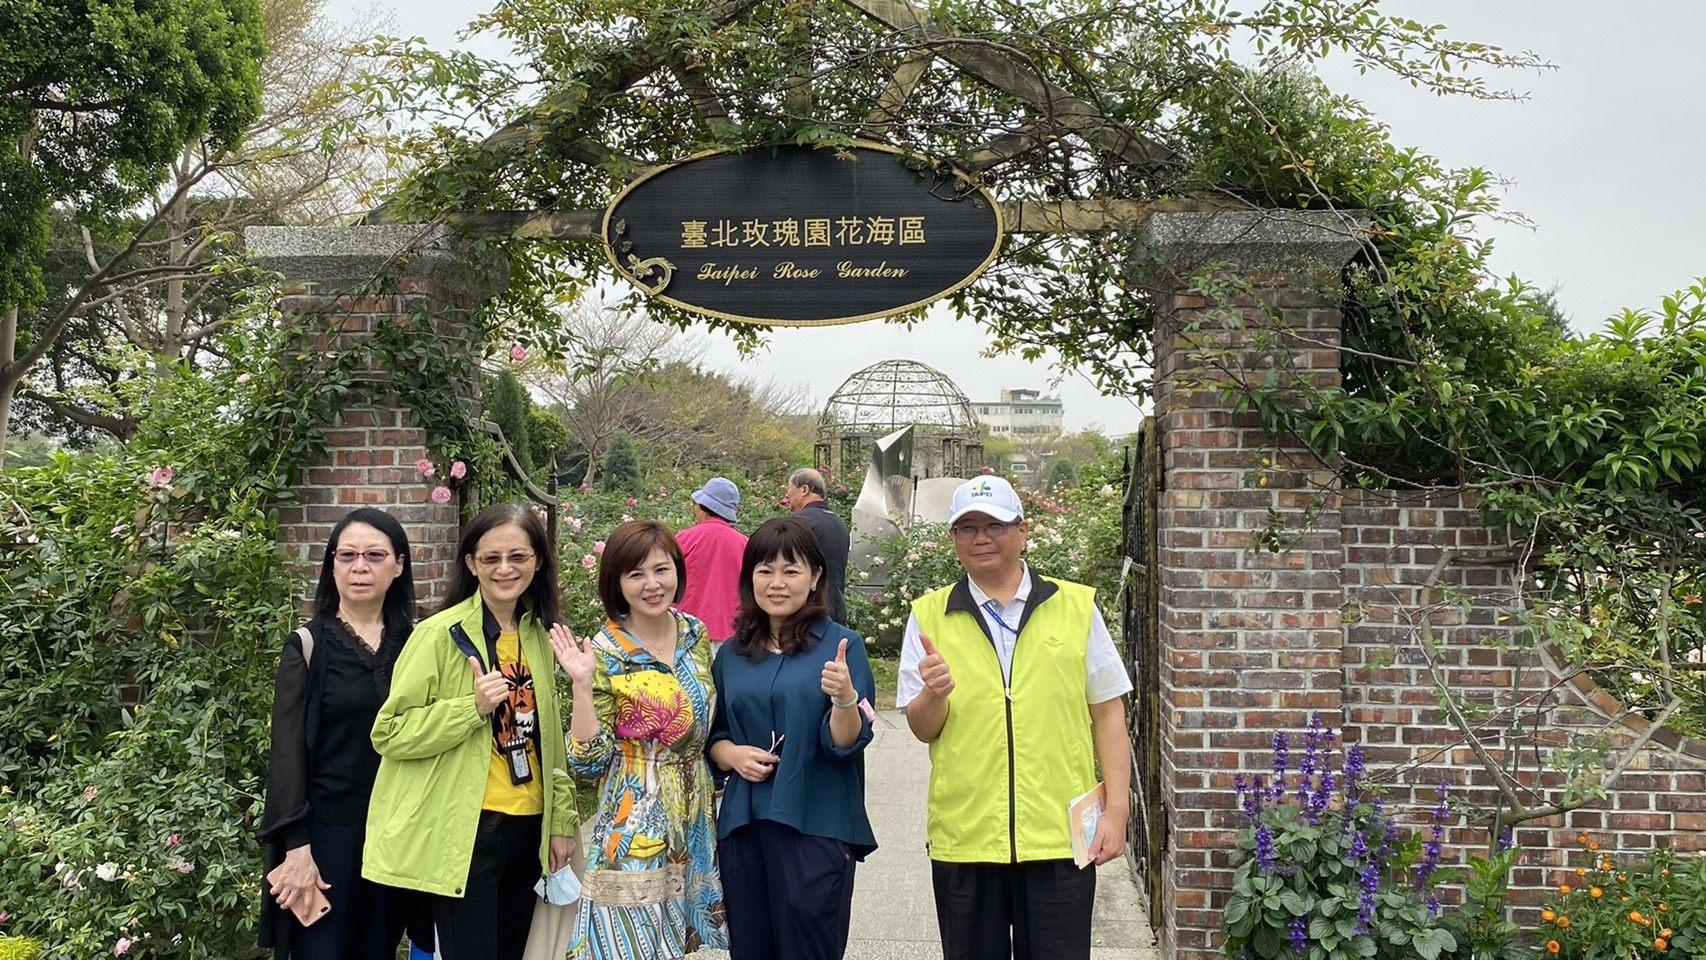 圖4考察團二位女嬌客跟玫瑰花同框的畫面實在是太夢幻了,讓新生公園增添更多賞心悅目的風景